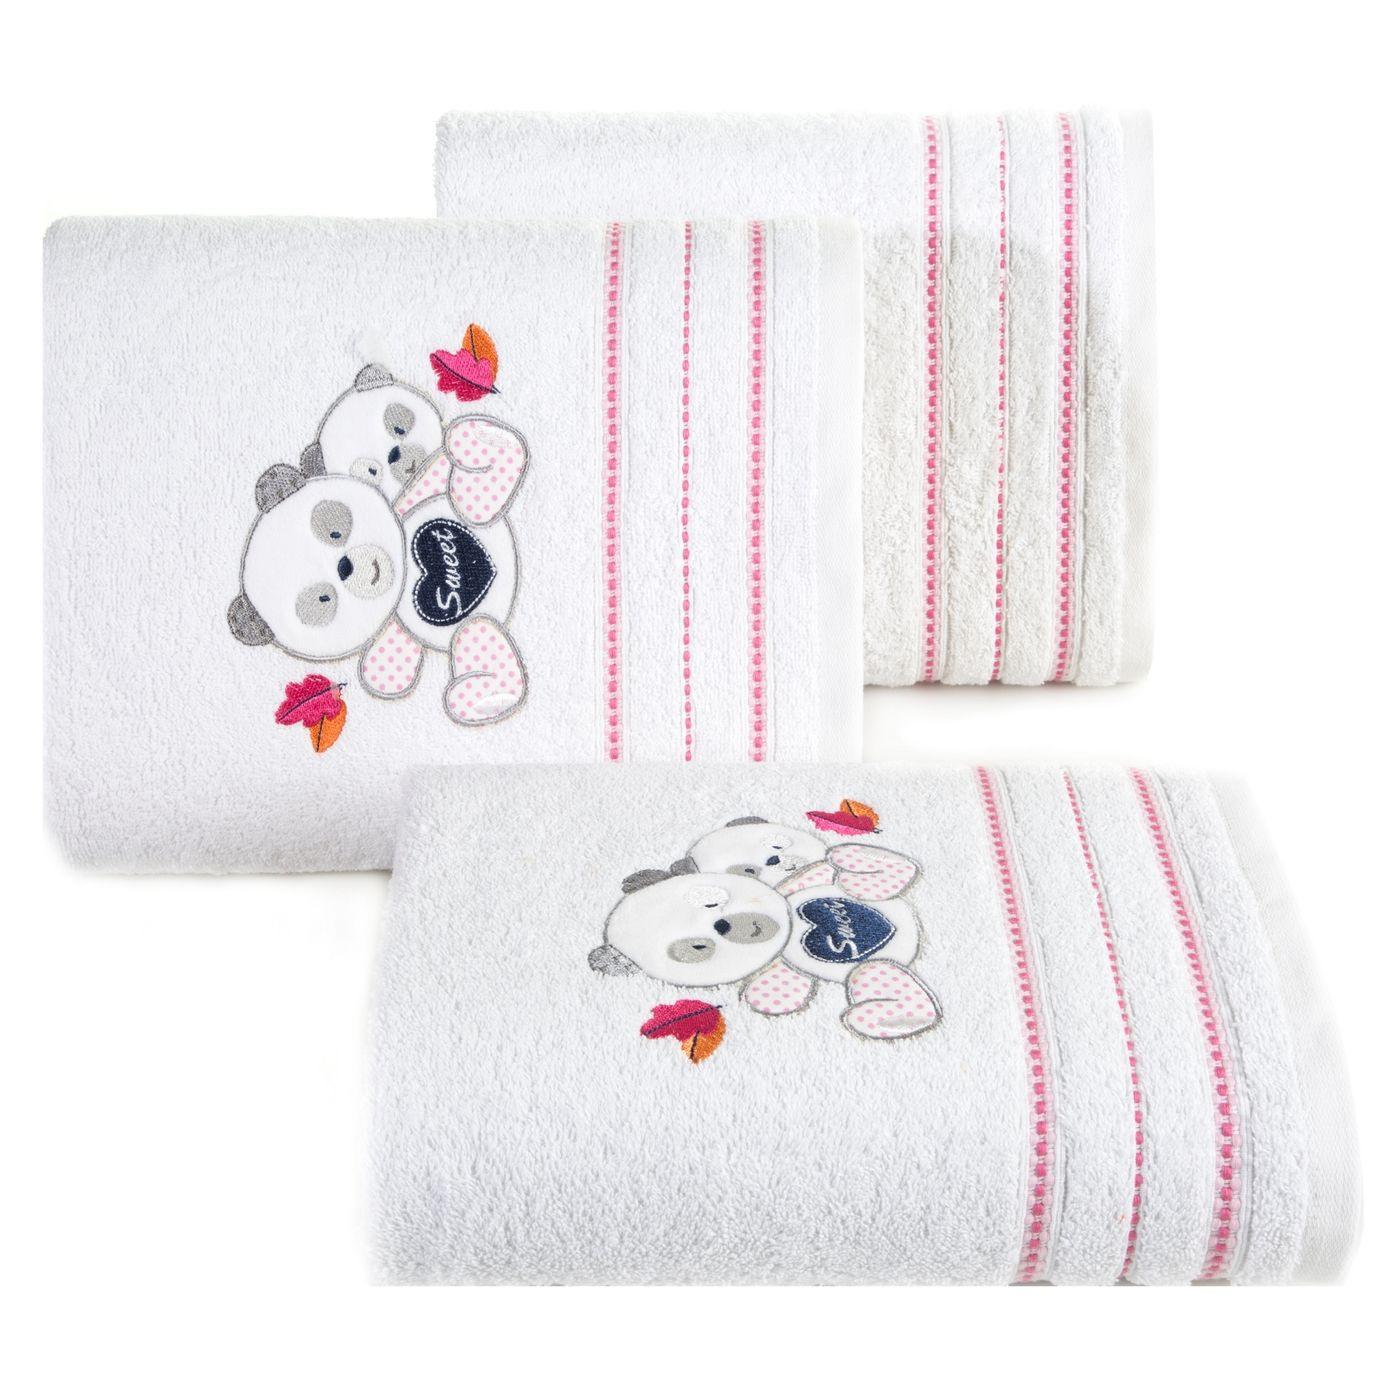 Ręcznik dziecięcy kąpielowy misie biały różowy 70x140